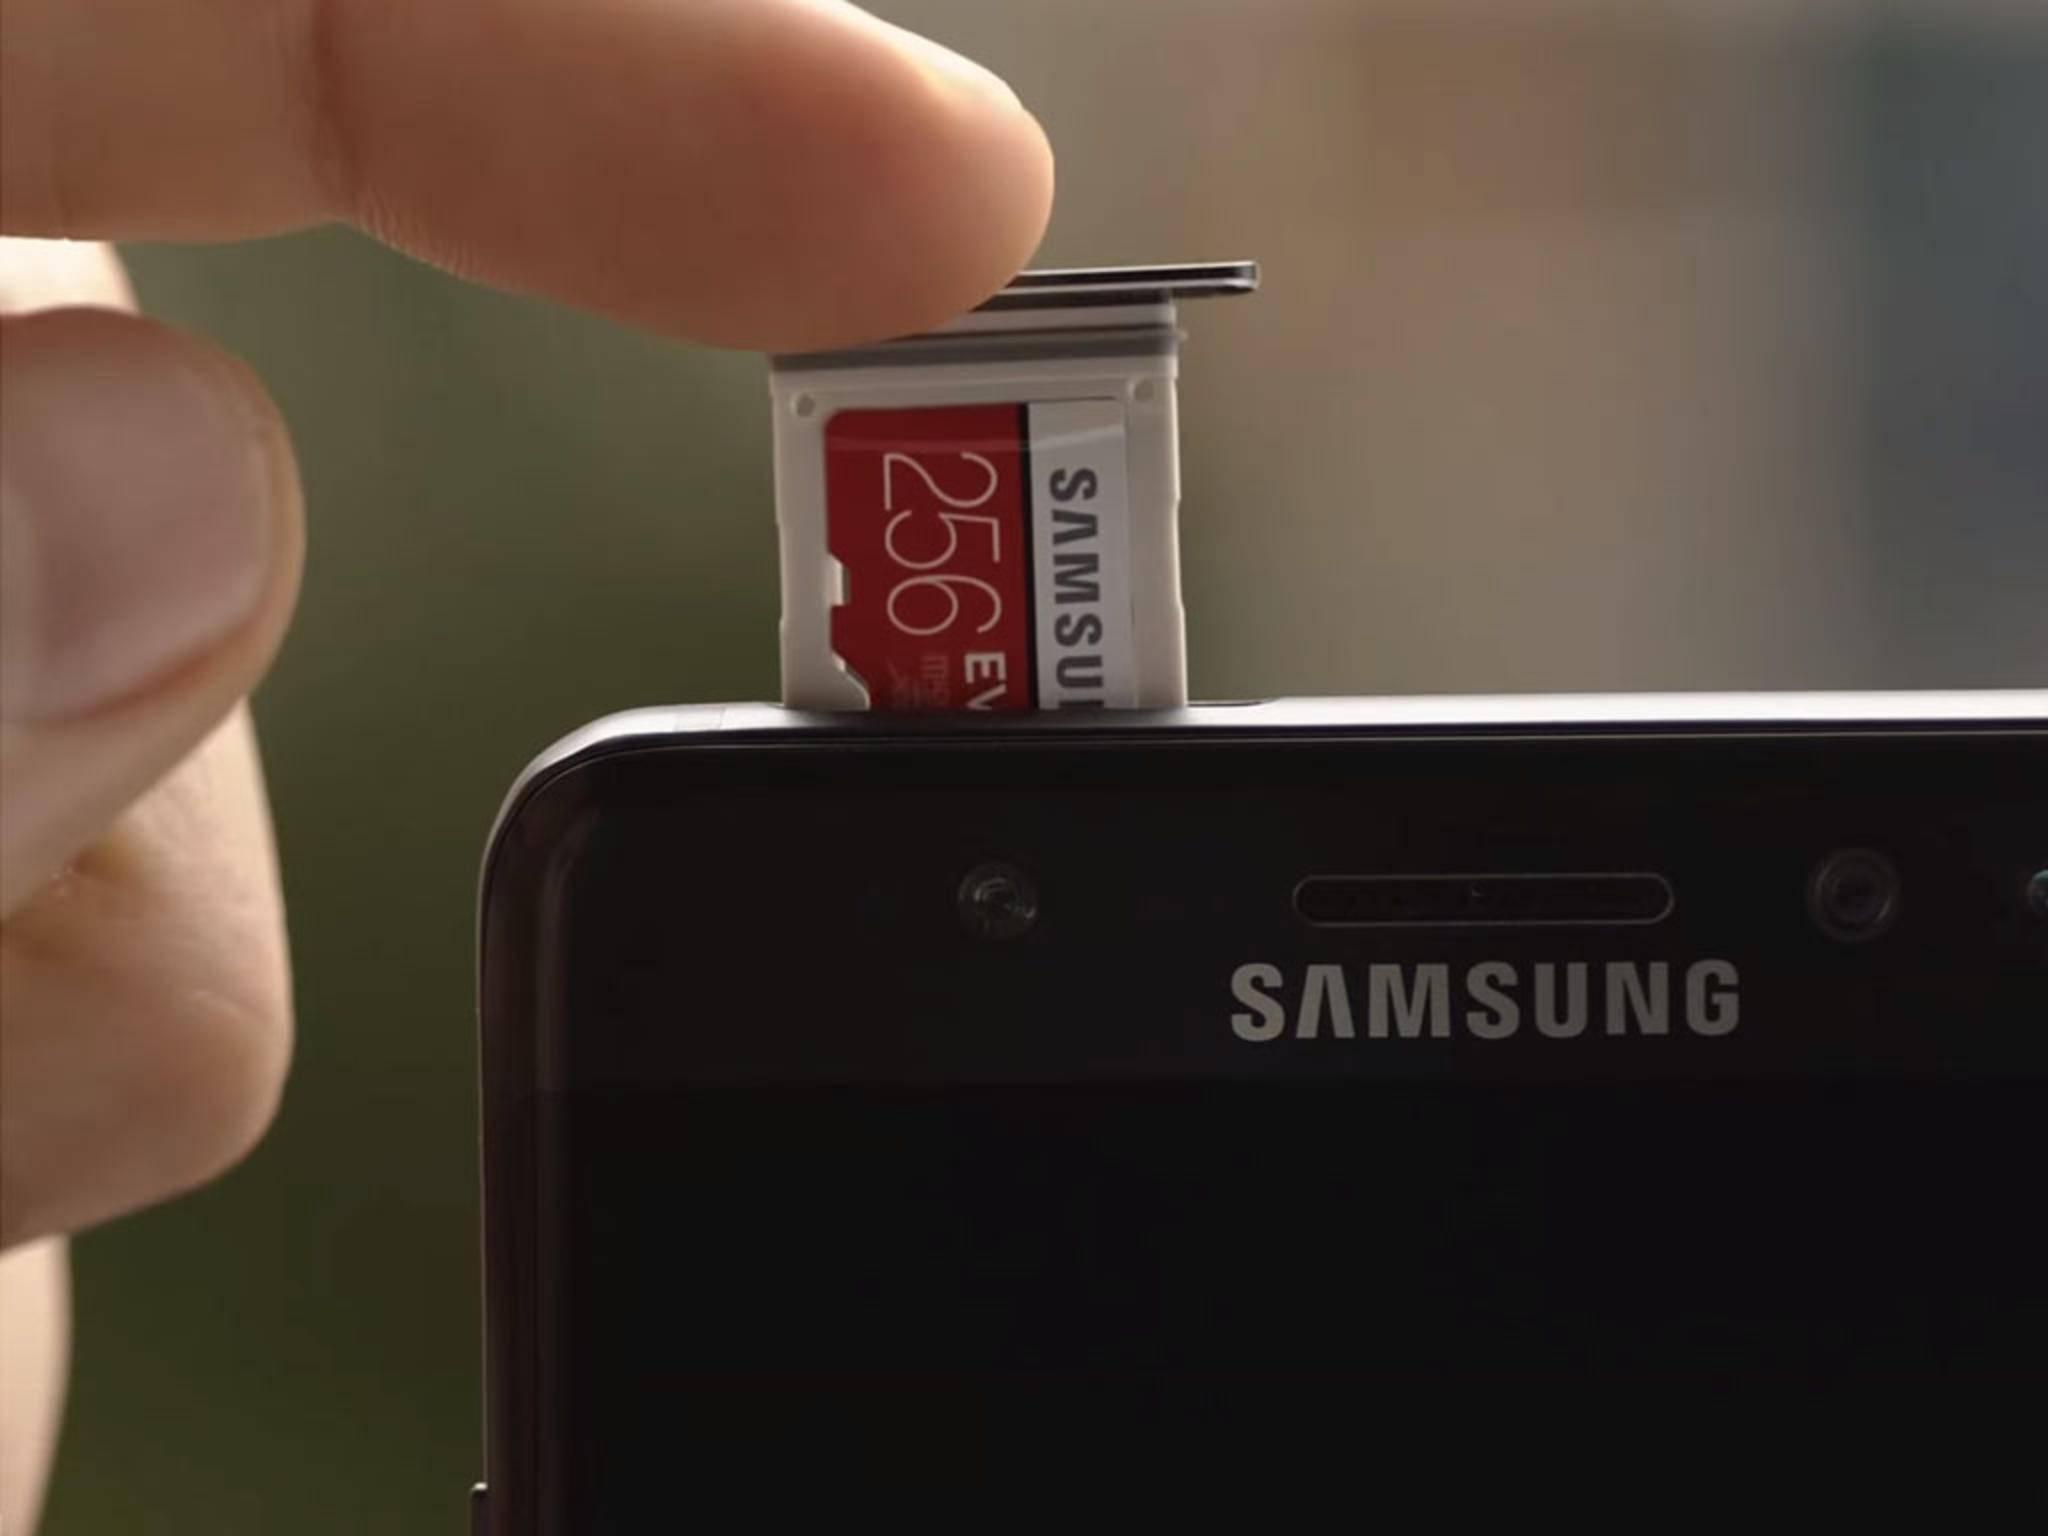 Der interne Speicher ist voll? Kein Problem beim Galaxy Note 7...